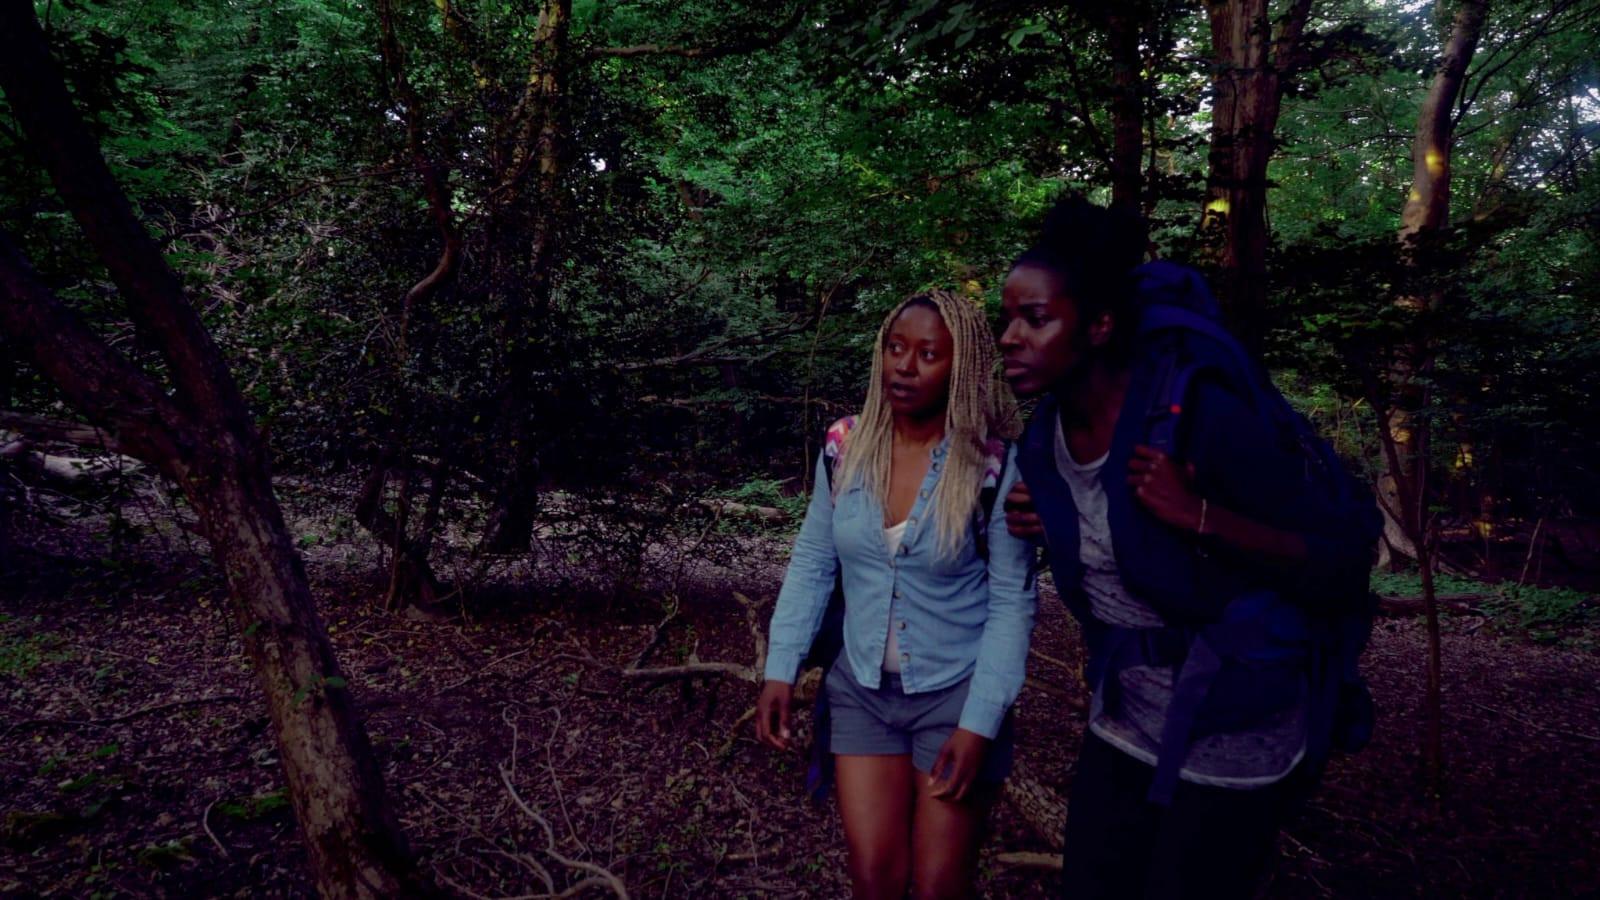 Still from film